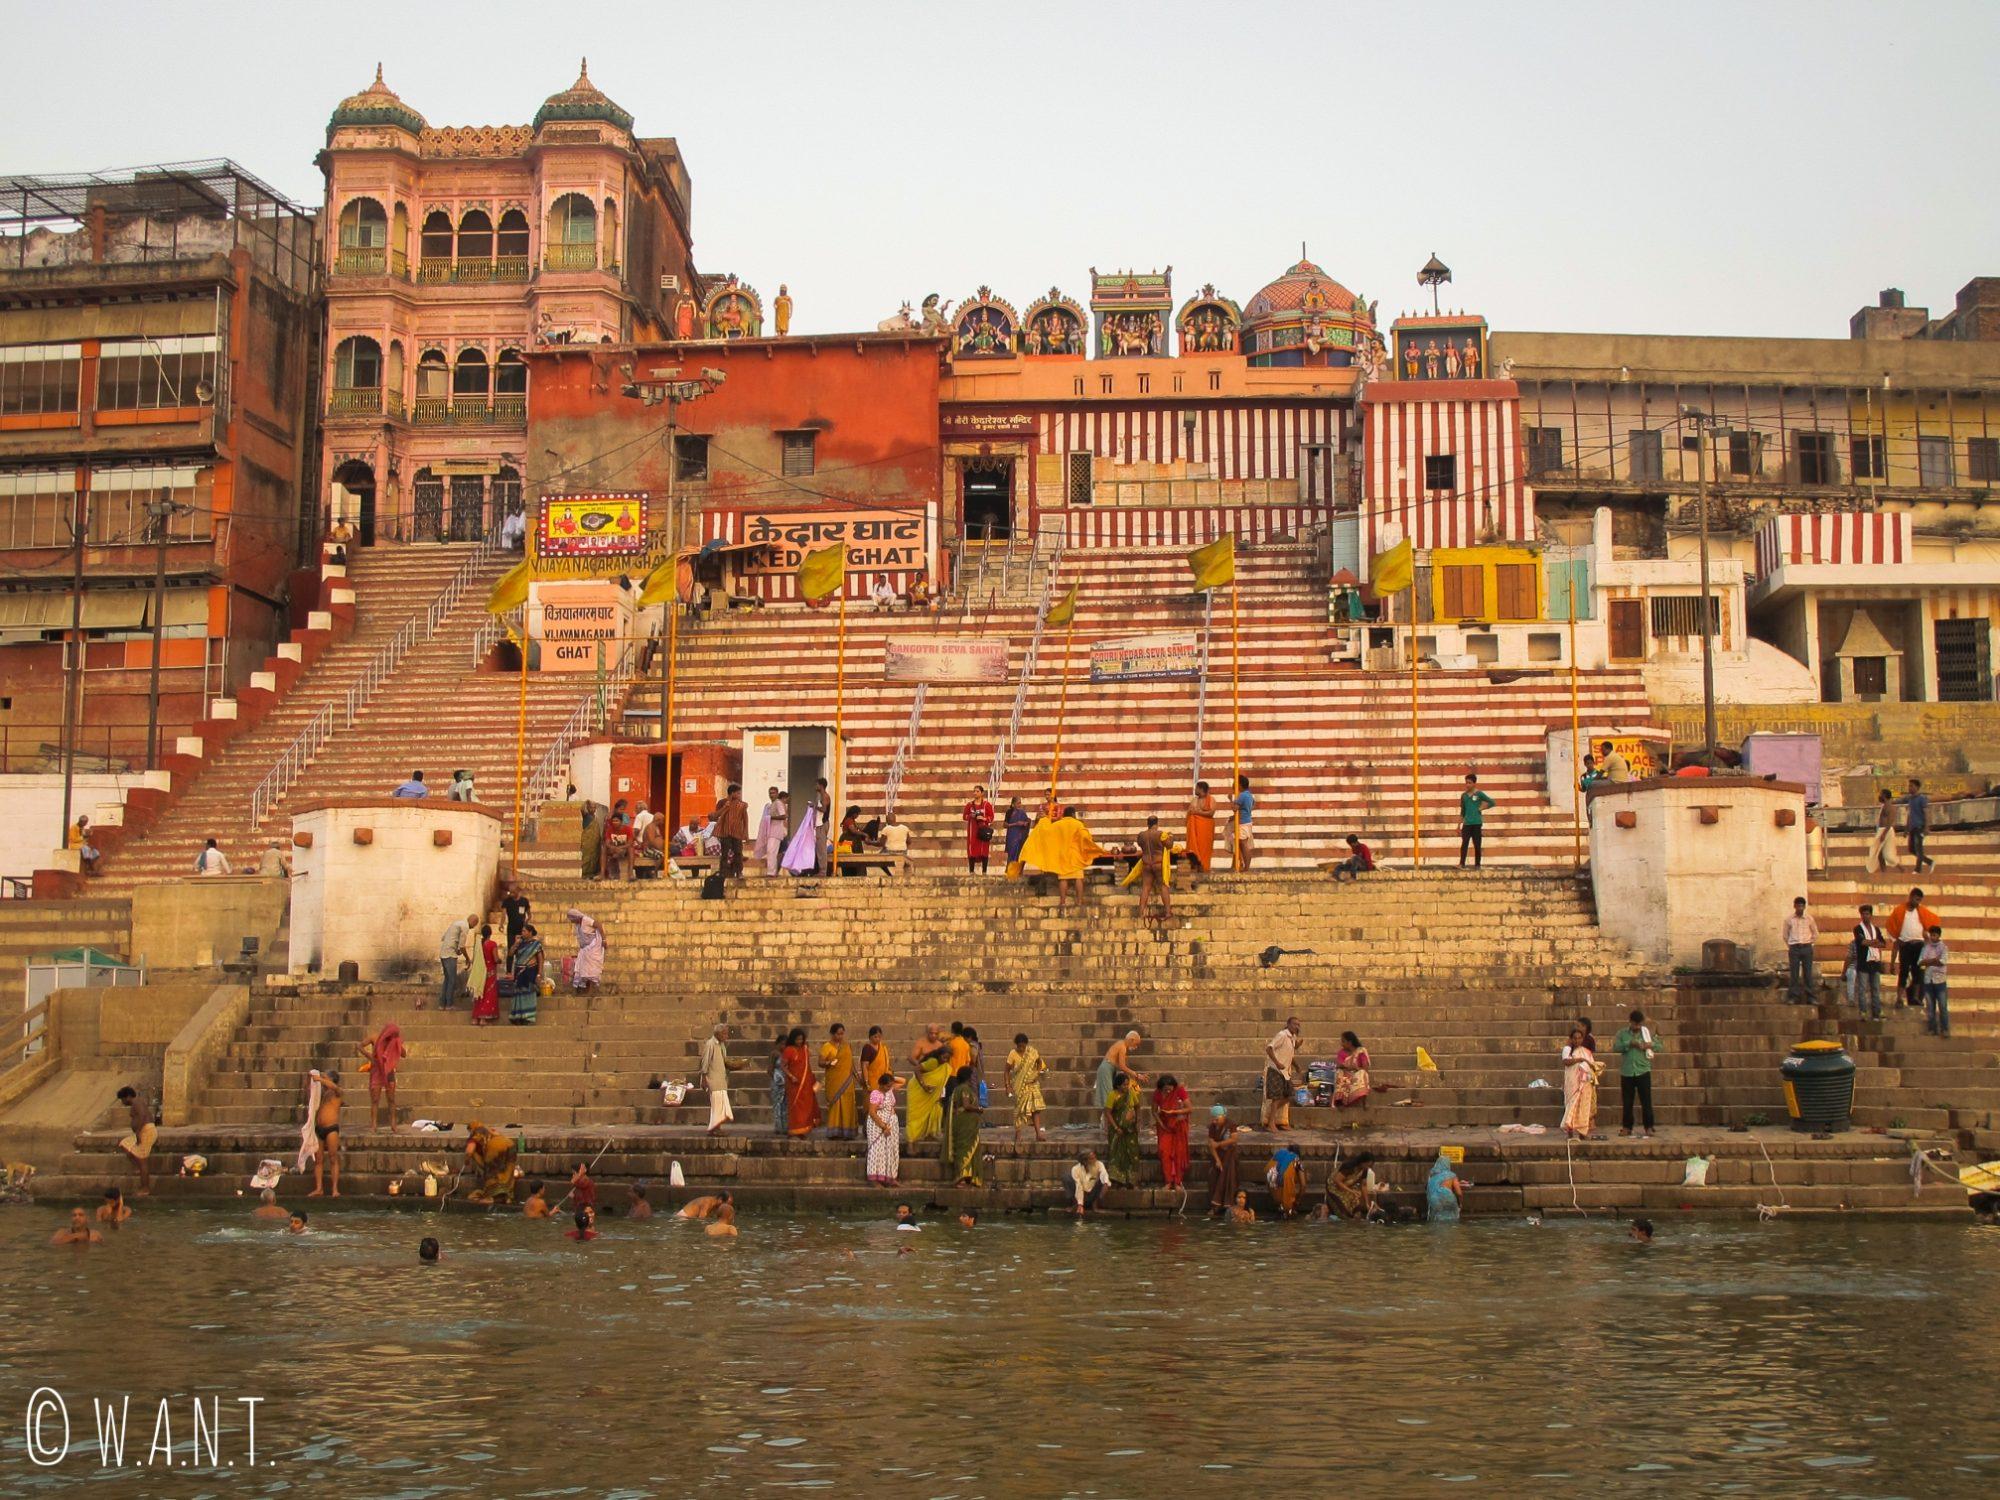 Les marches colorées du Kedar ghat indique la hauteur du Gange en période de mousson